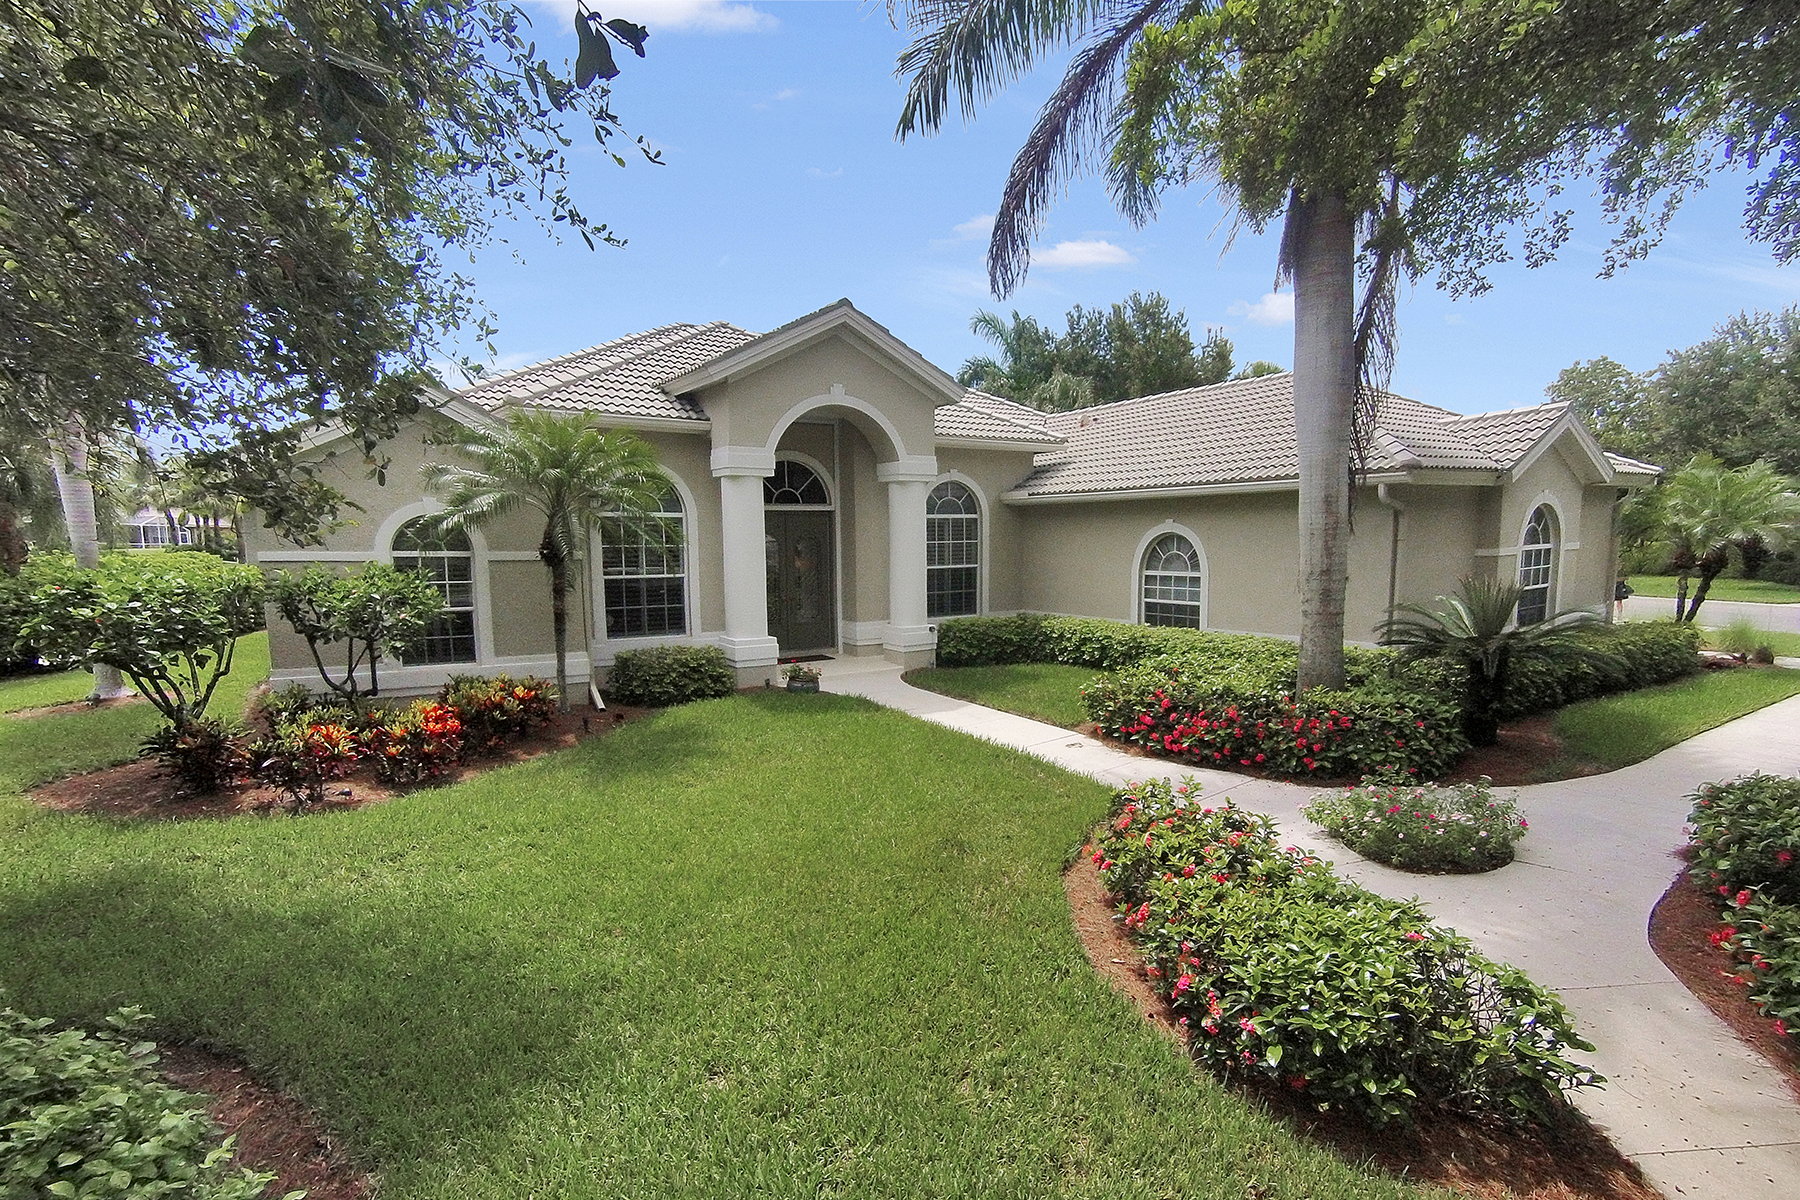 Частный односемейный дом для того Продажа на STONEBRIDGE - HAWTHRONE ESTATES 1876 Pondside Ln Naples, Флорида 34109 Соединенные Штаты